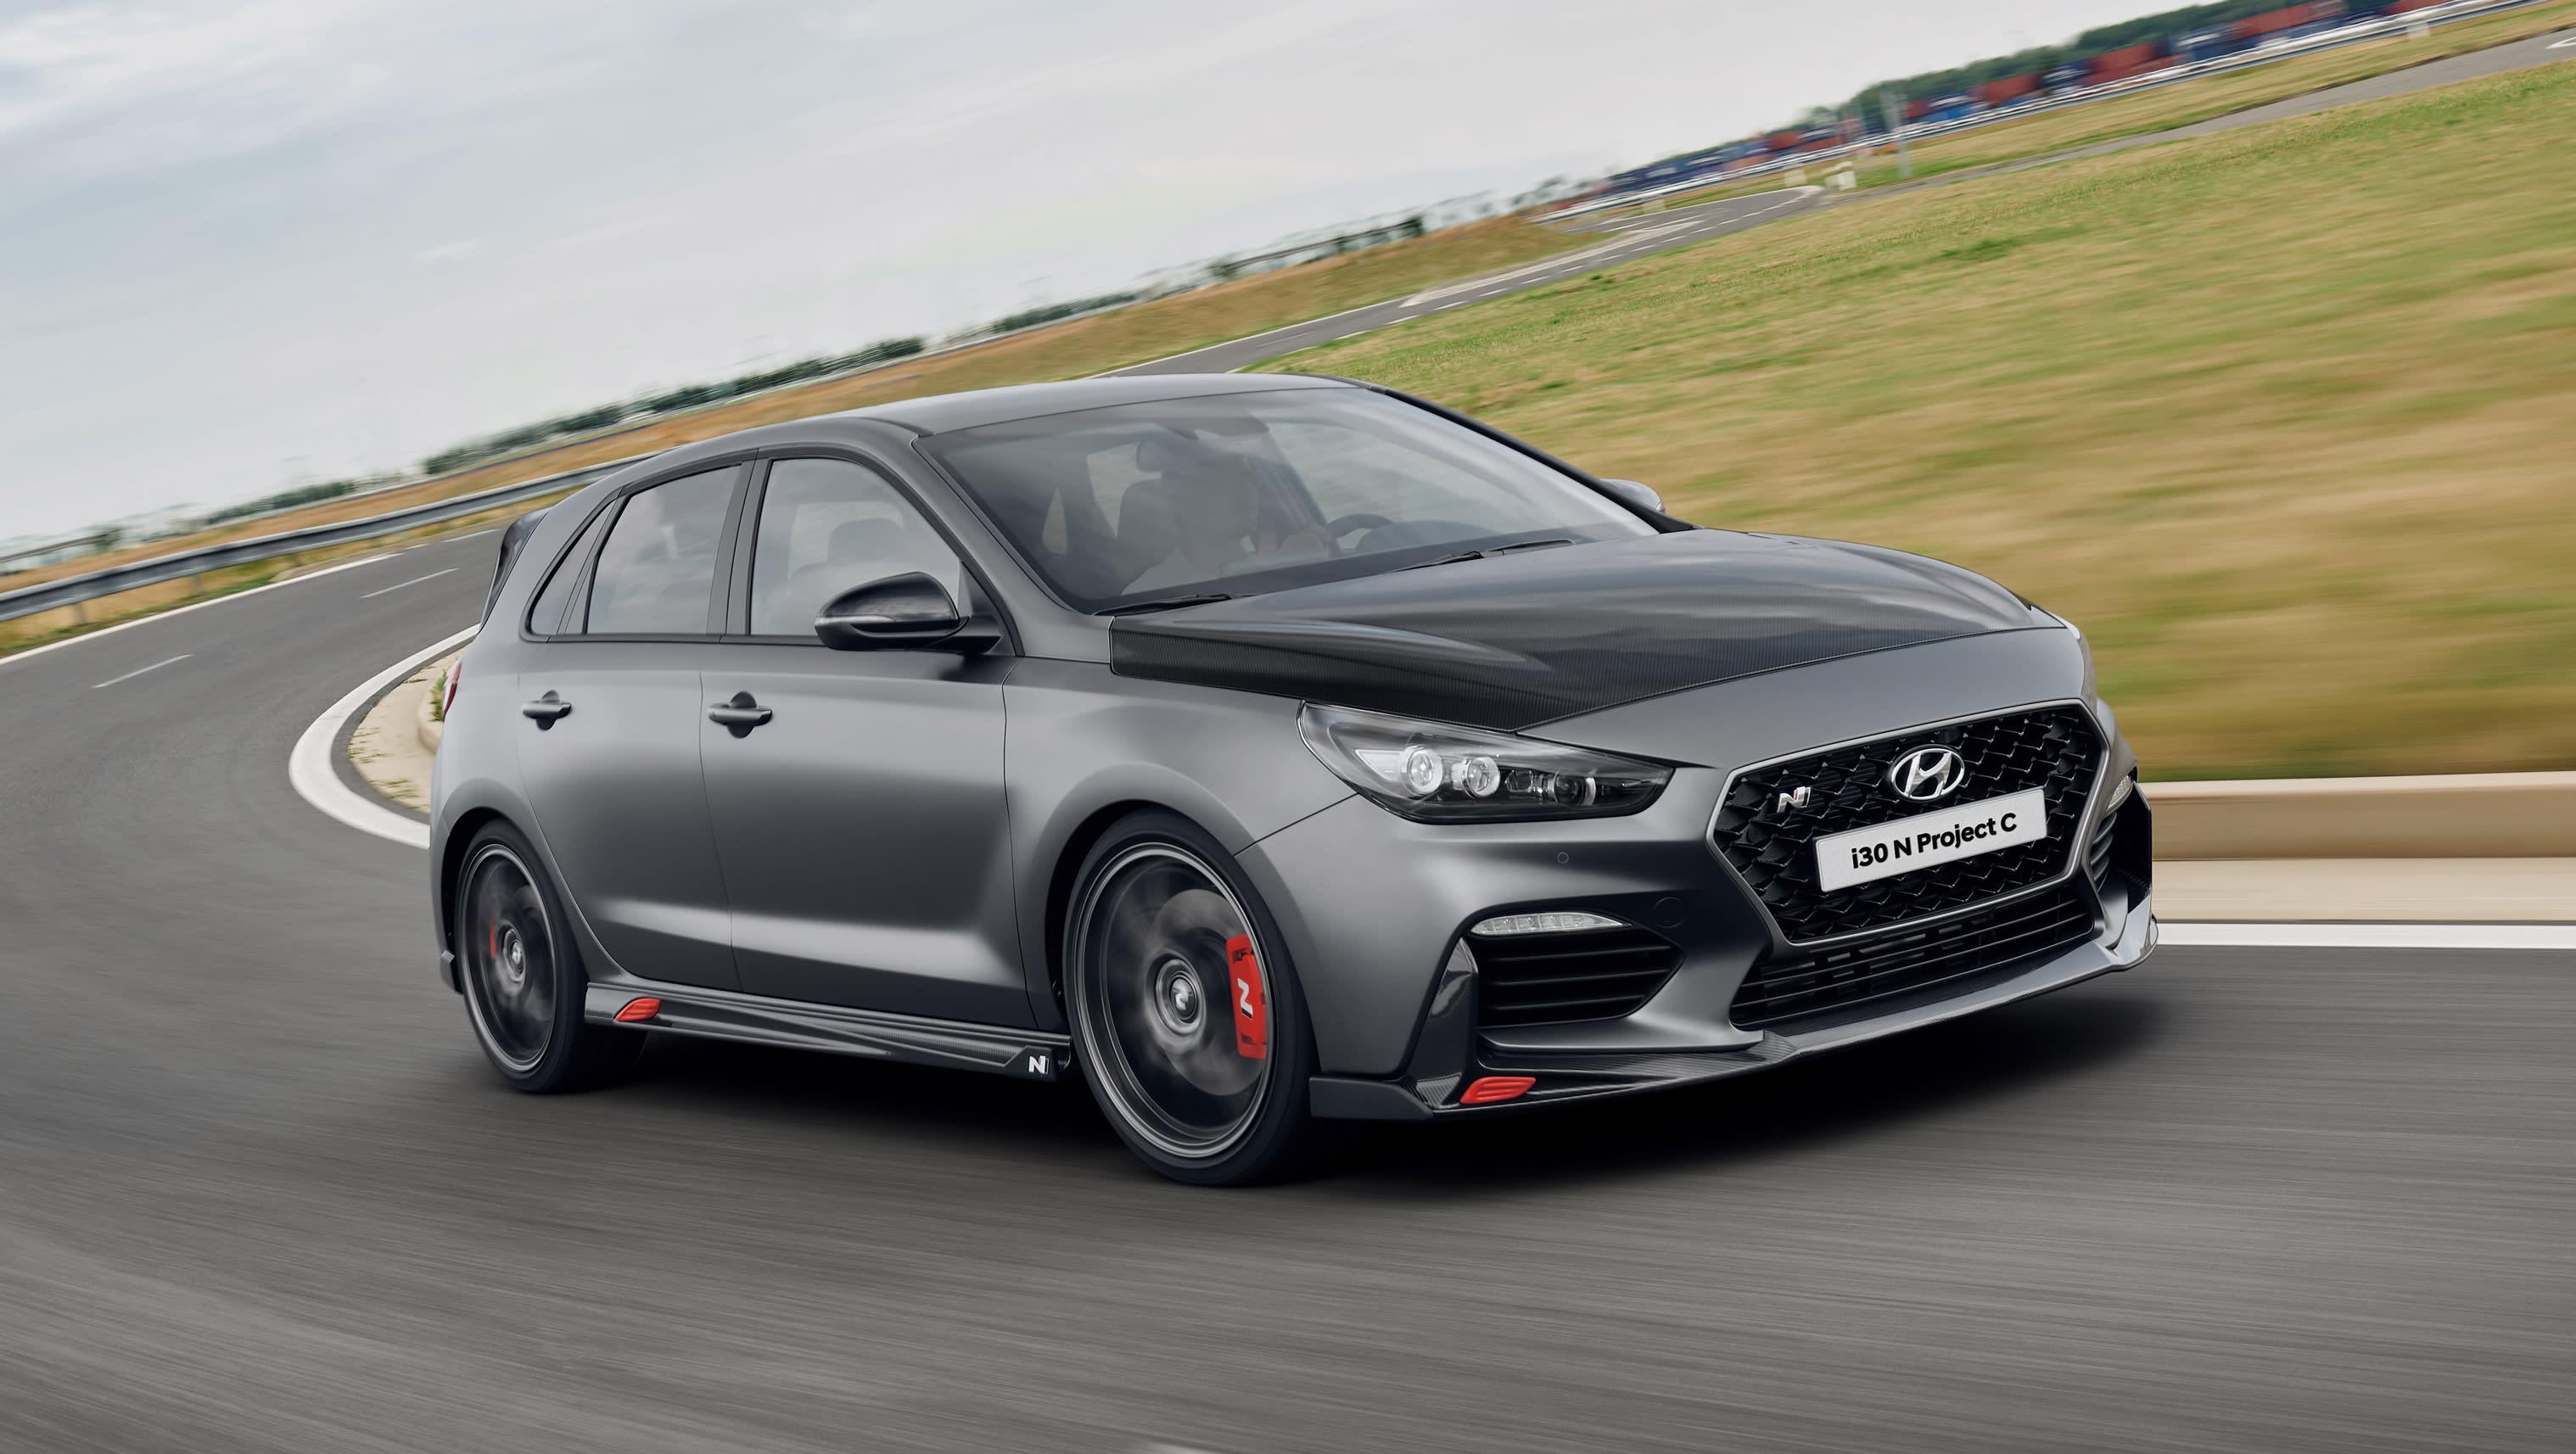 new 2021 Hyundai N Review